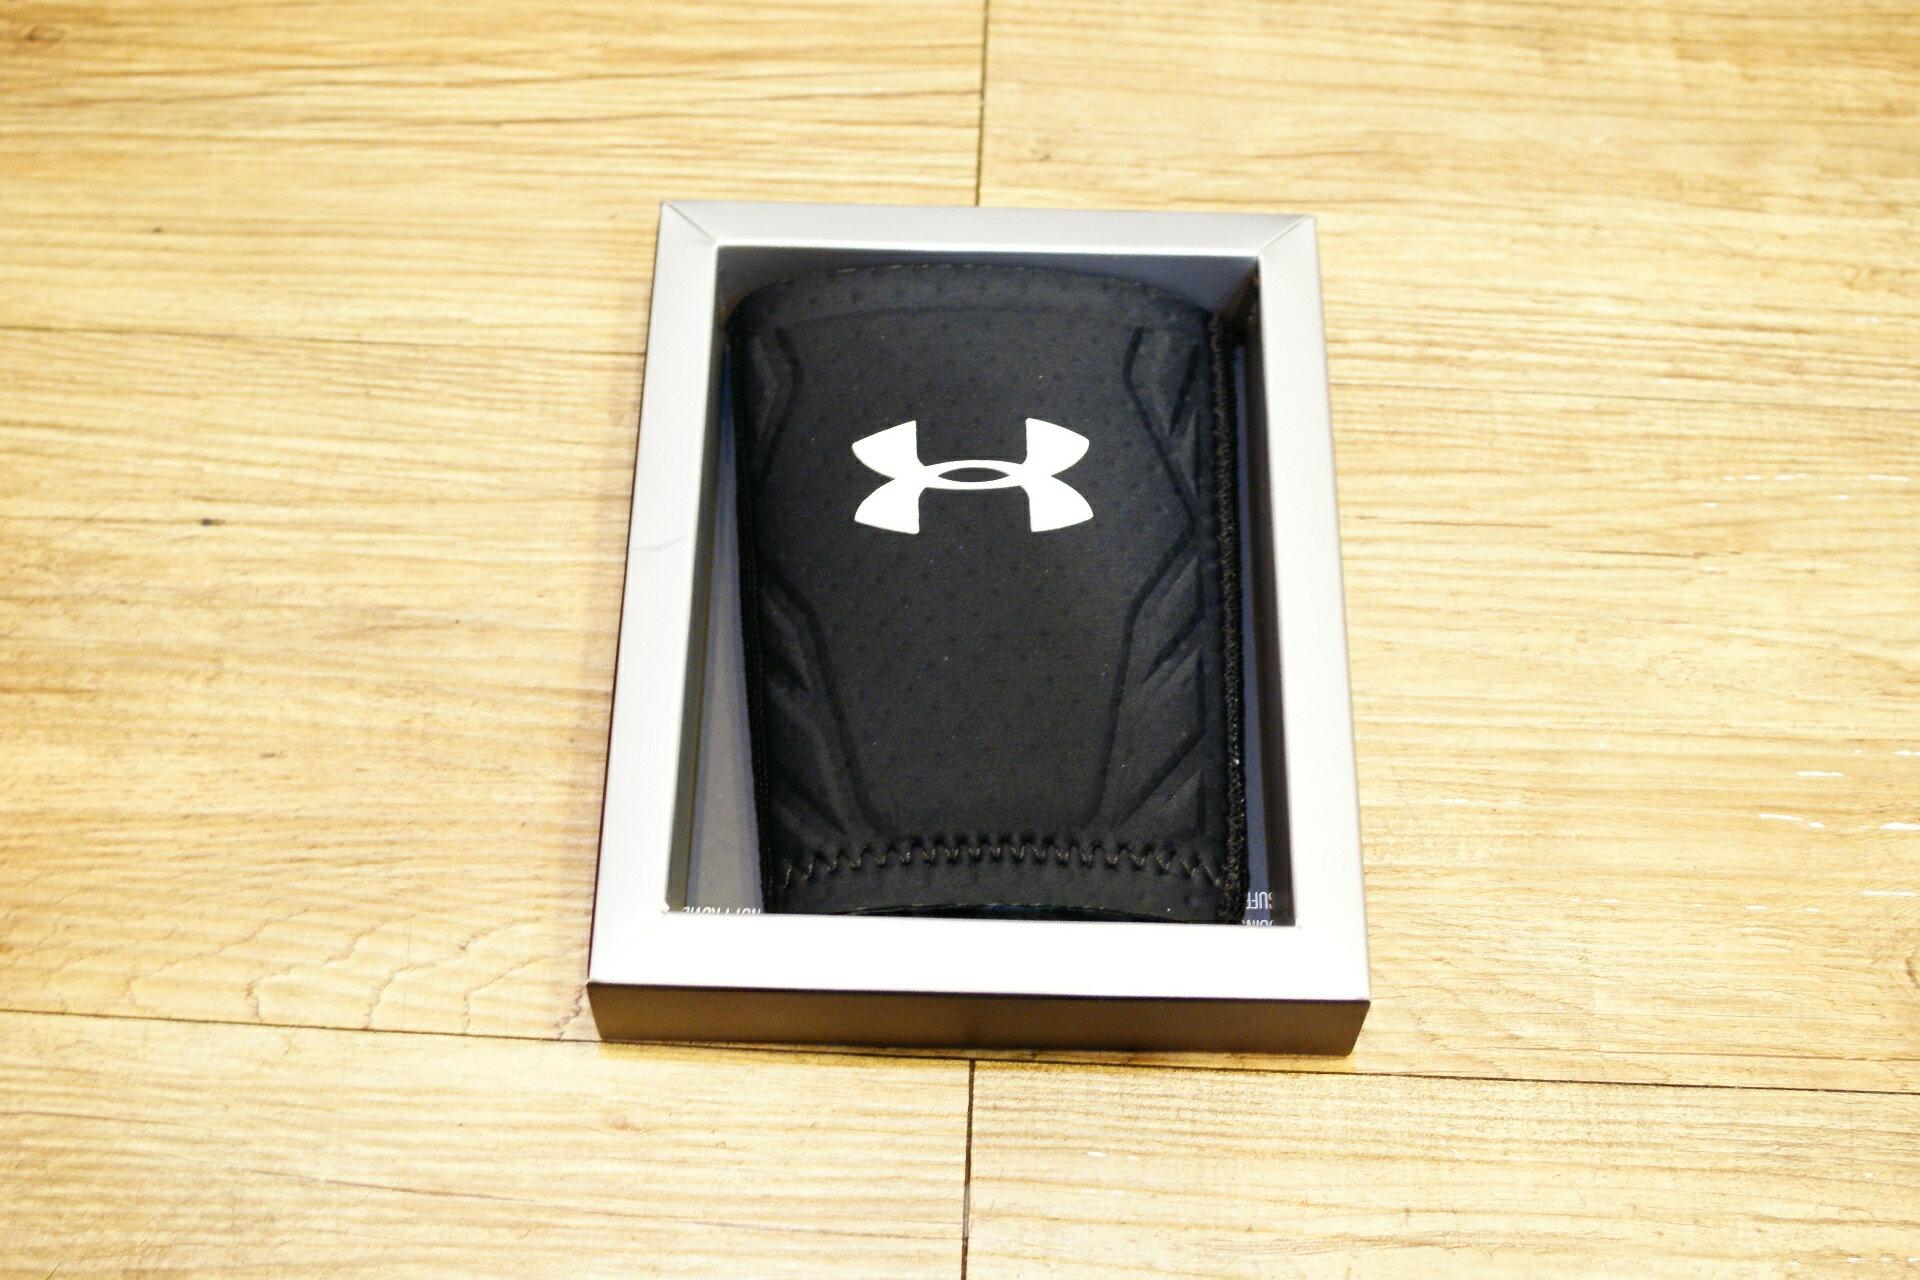 棒球世界 全新Under Armour UA 棒球用防撞手腕護套 特價